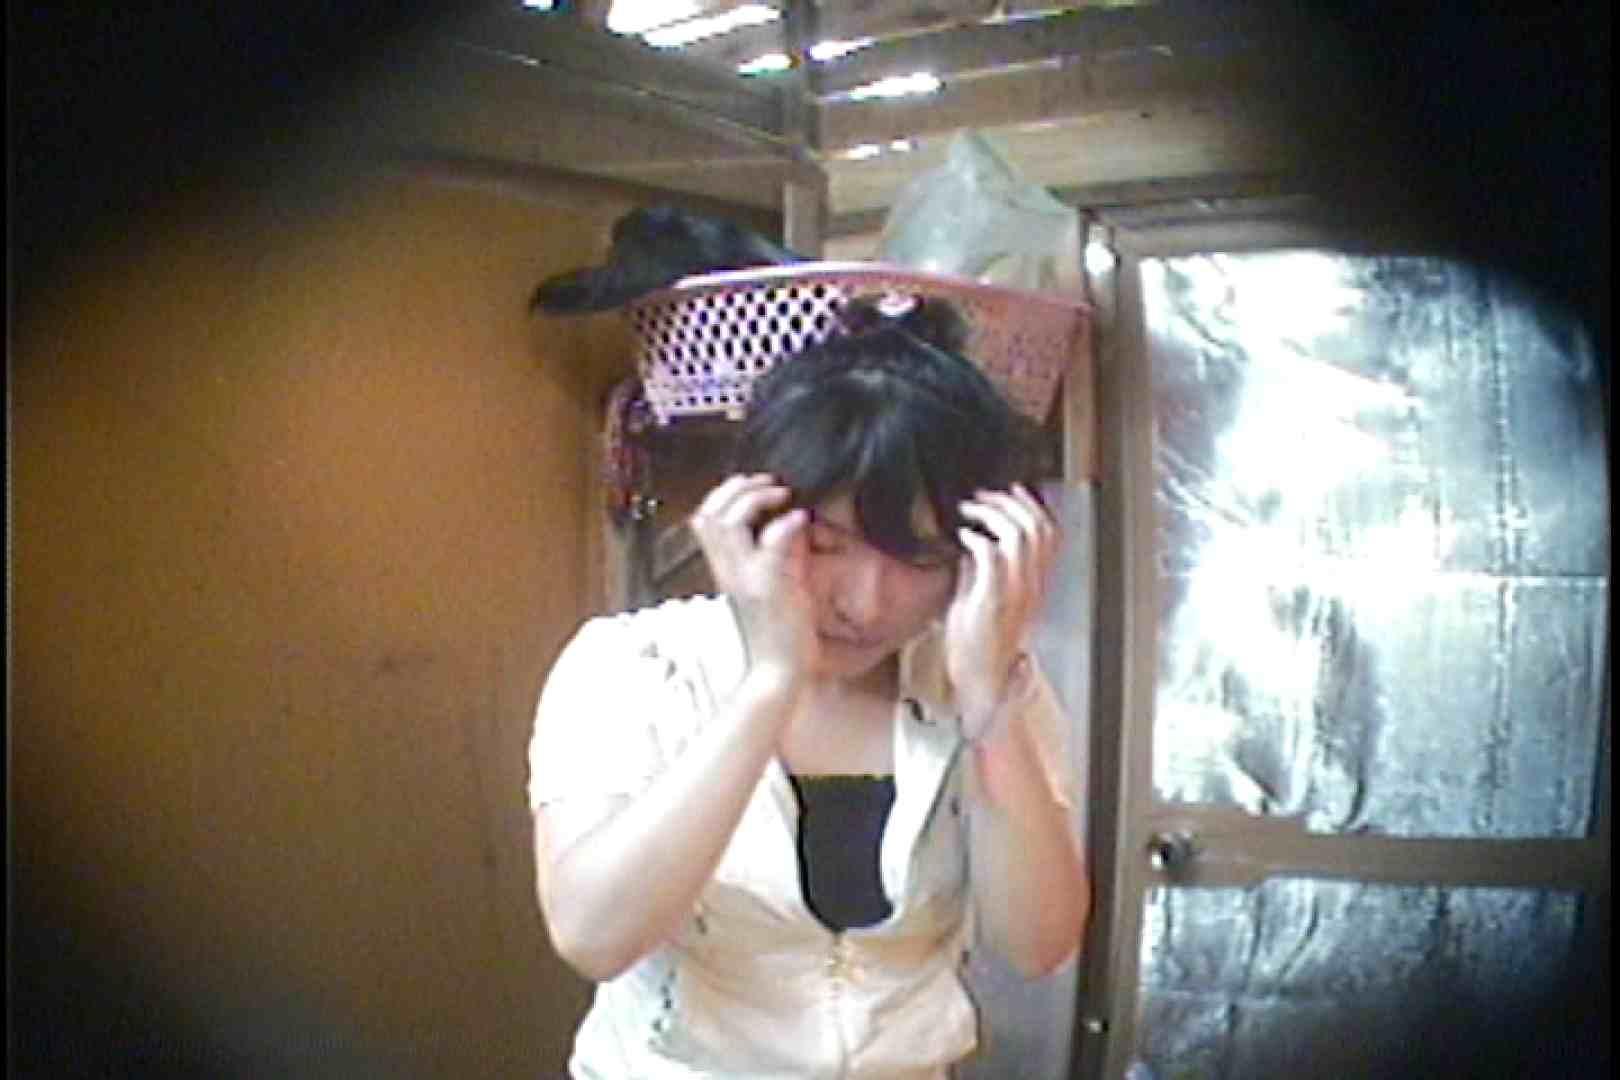 海の家の更衣室 Vol.37 シャワー  63pic 62